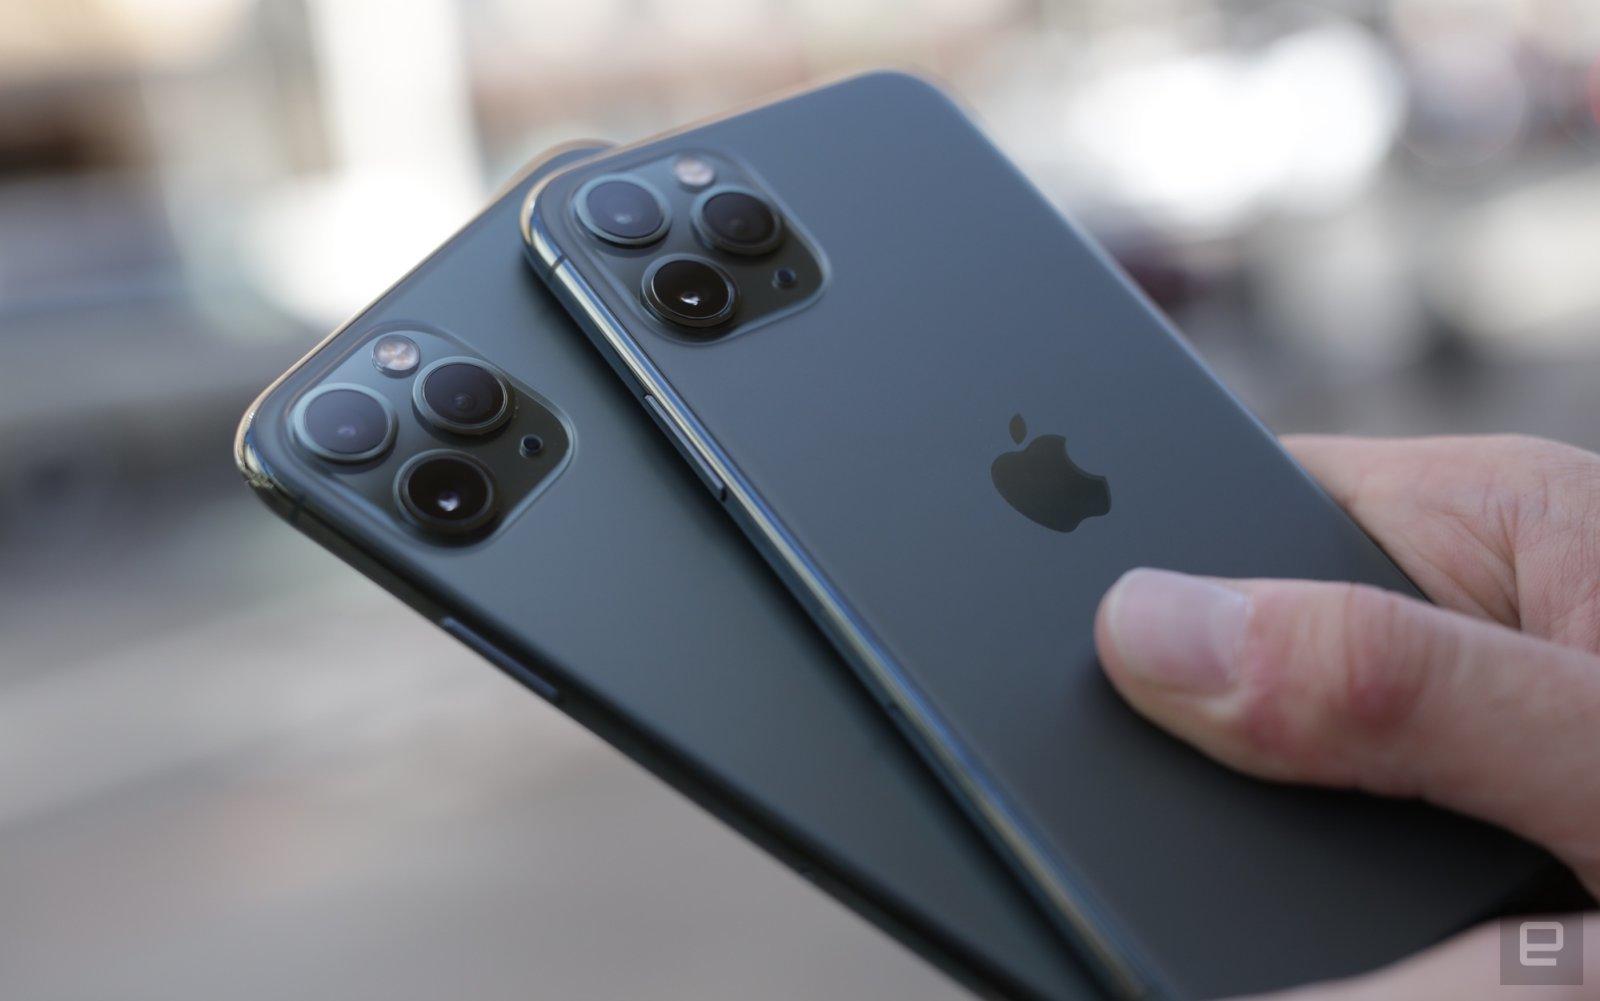 خرید جدید اپل چه شرکتی است؟